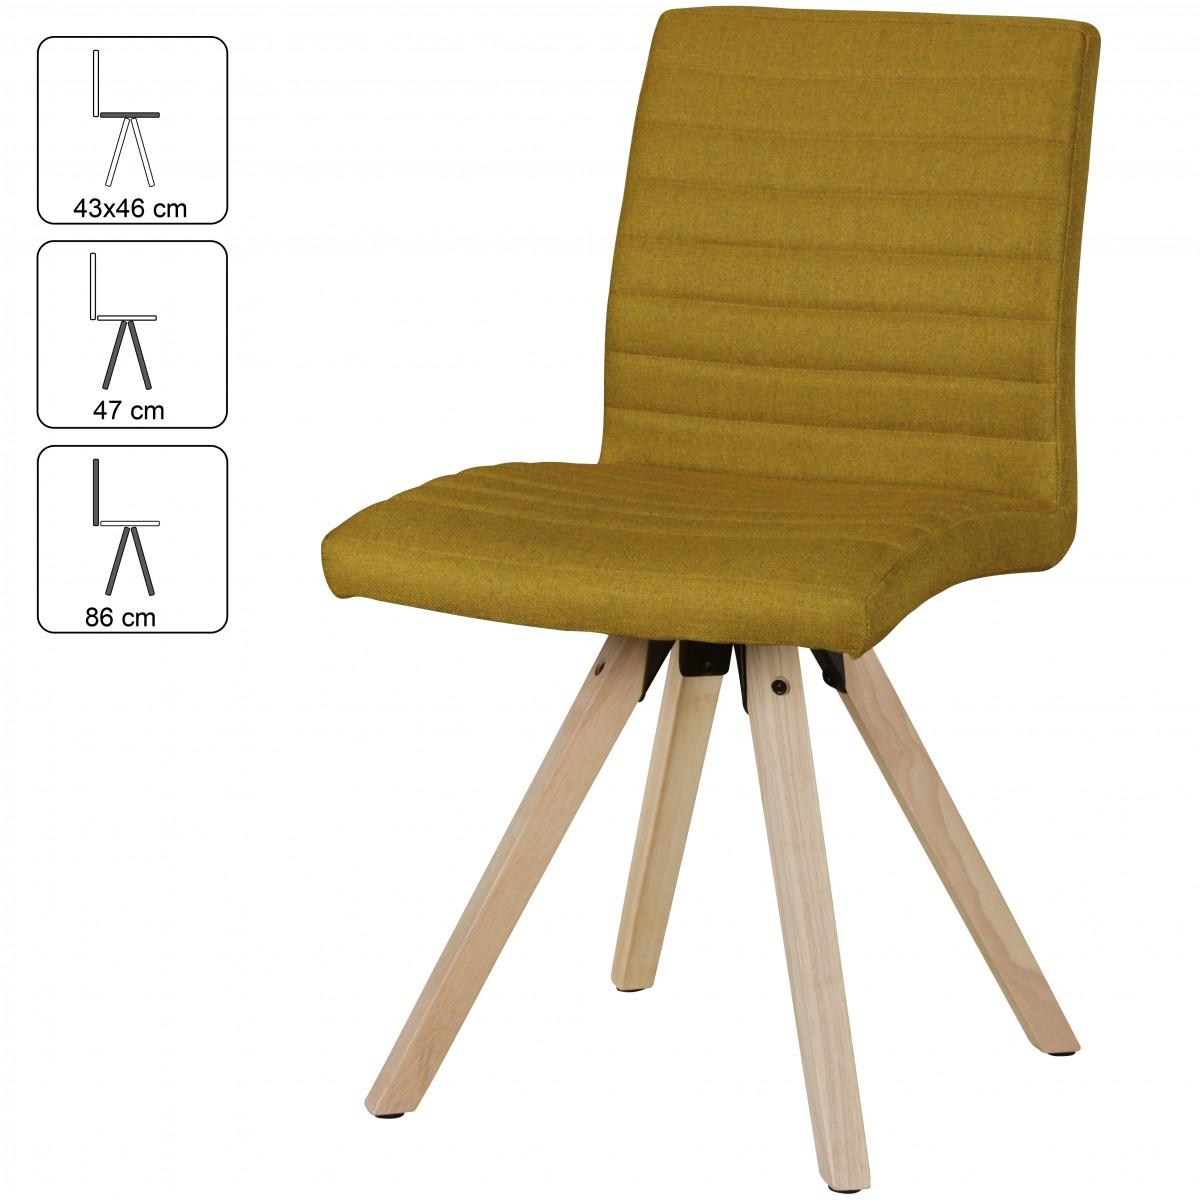 FineBuy 2er Set Retro Esszimmerstühle LUND Skandinavisches Design |  Polsterstuhl Stoff Bezug Mit Rückenlehne |